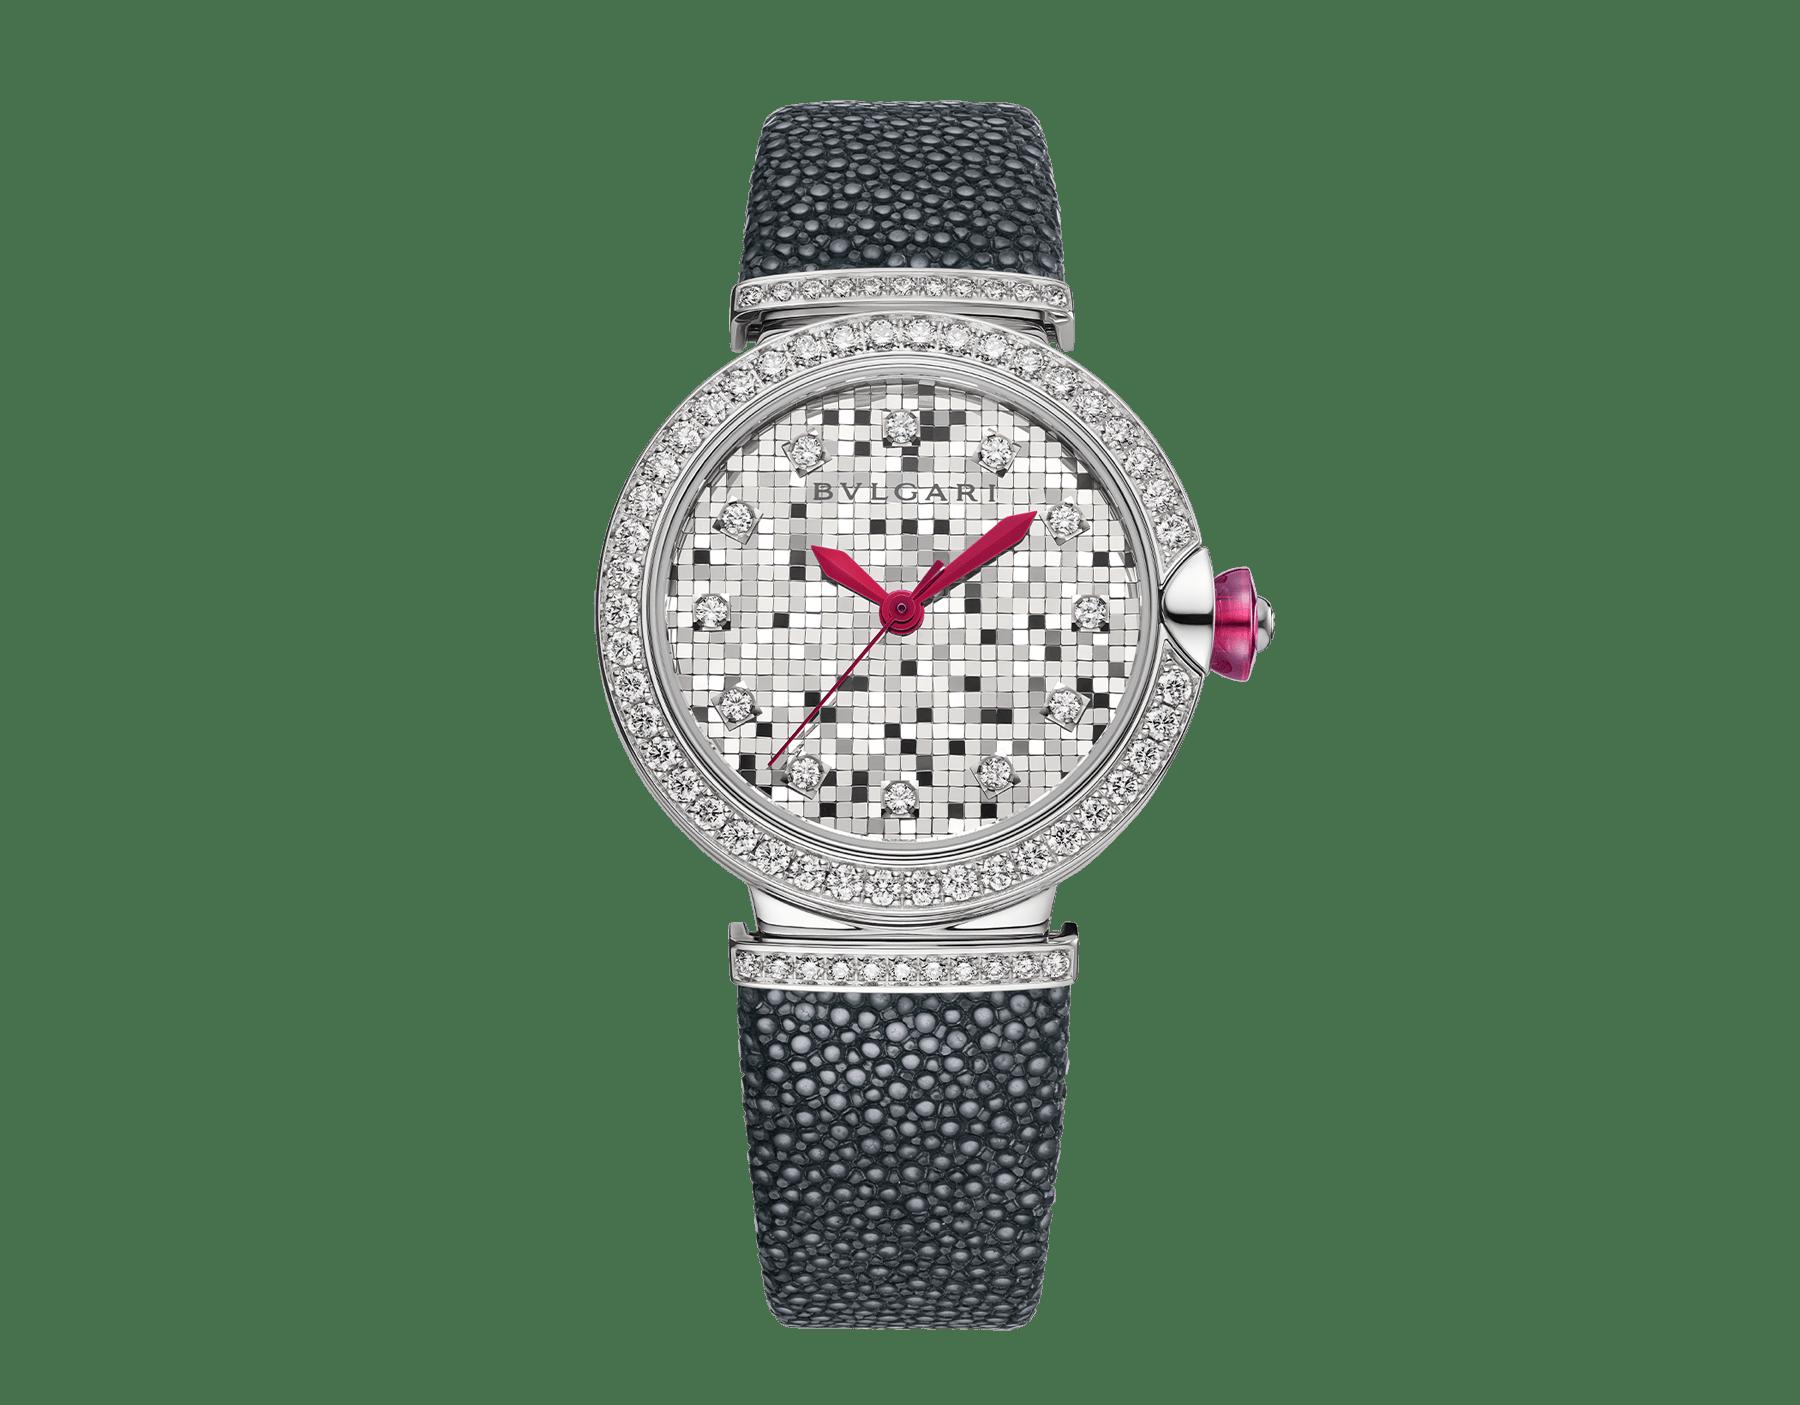 Montre LVCEA avec boîtier en or blanc 18K serti de diamants, cadran mosaïque en or blanc 18K et bracelet en galuchat. 102830 image 1